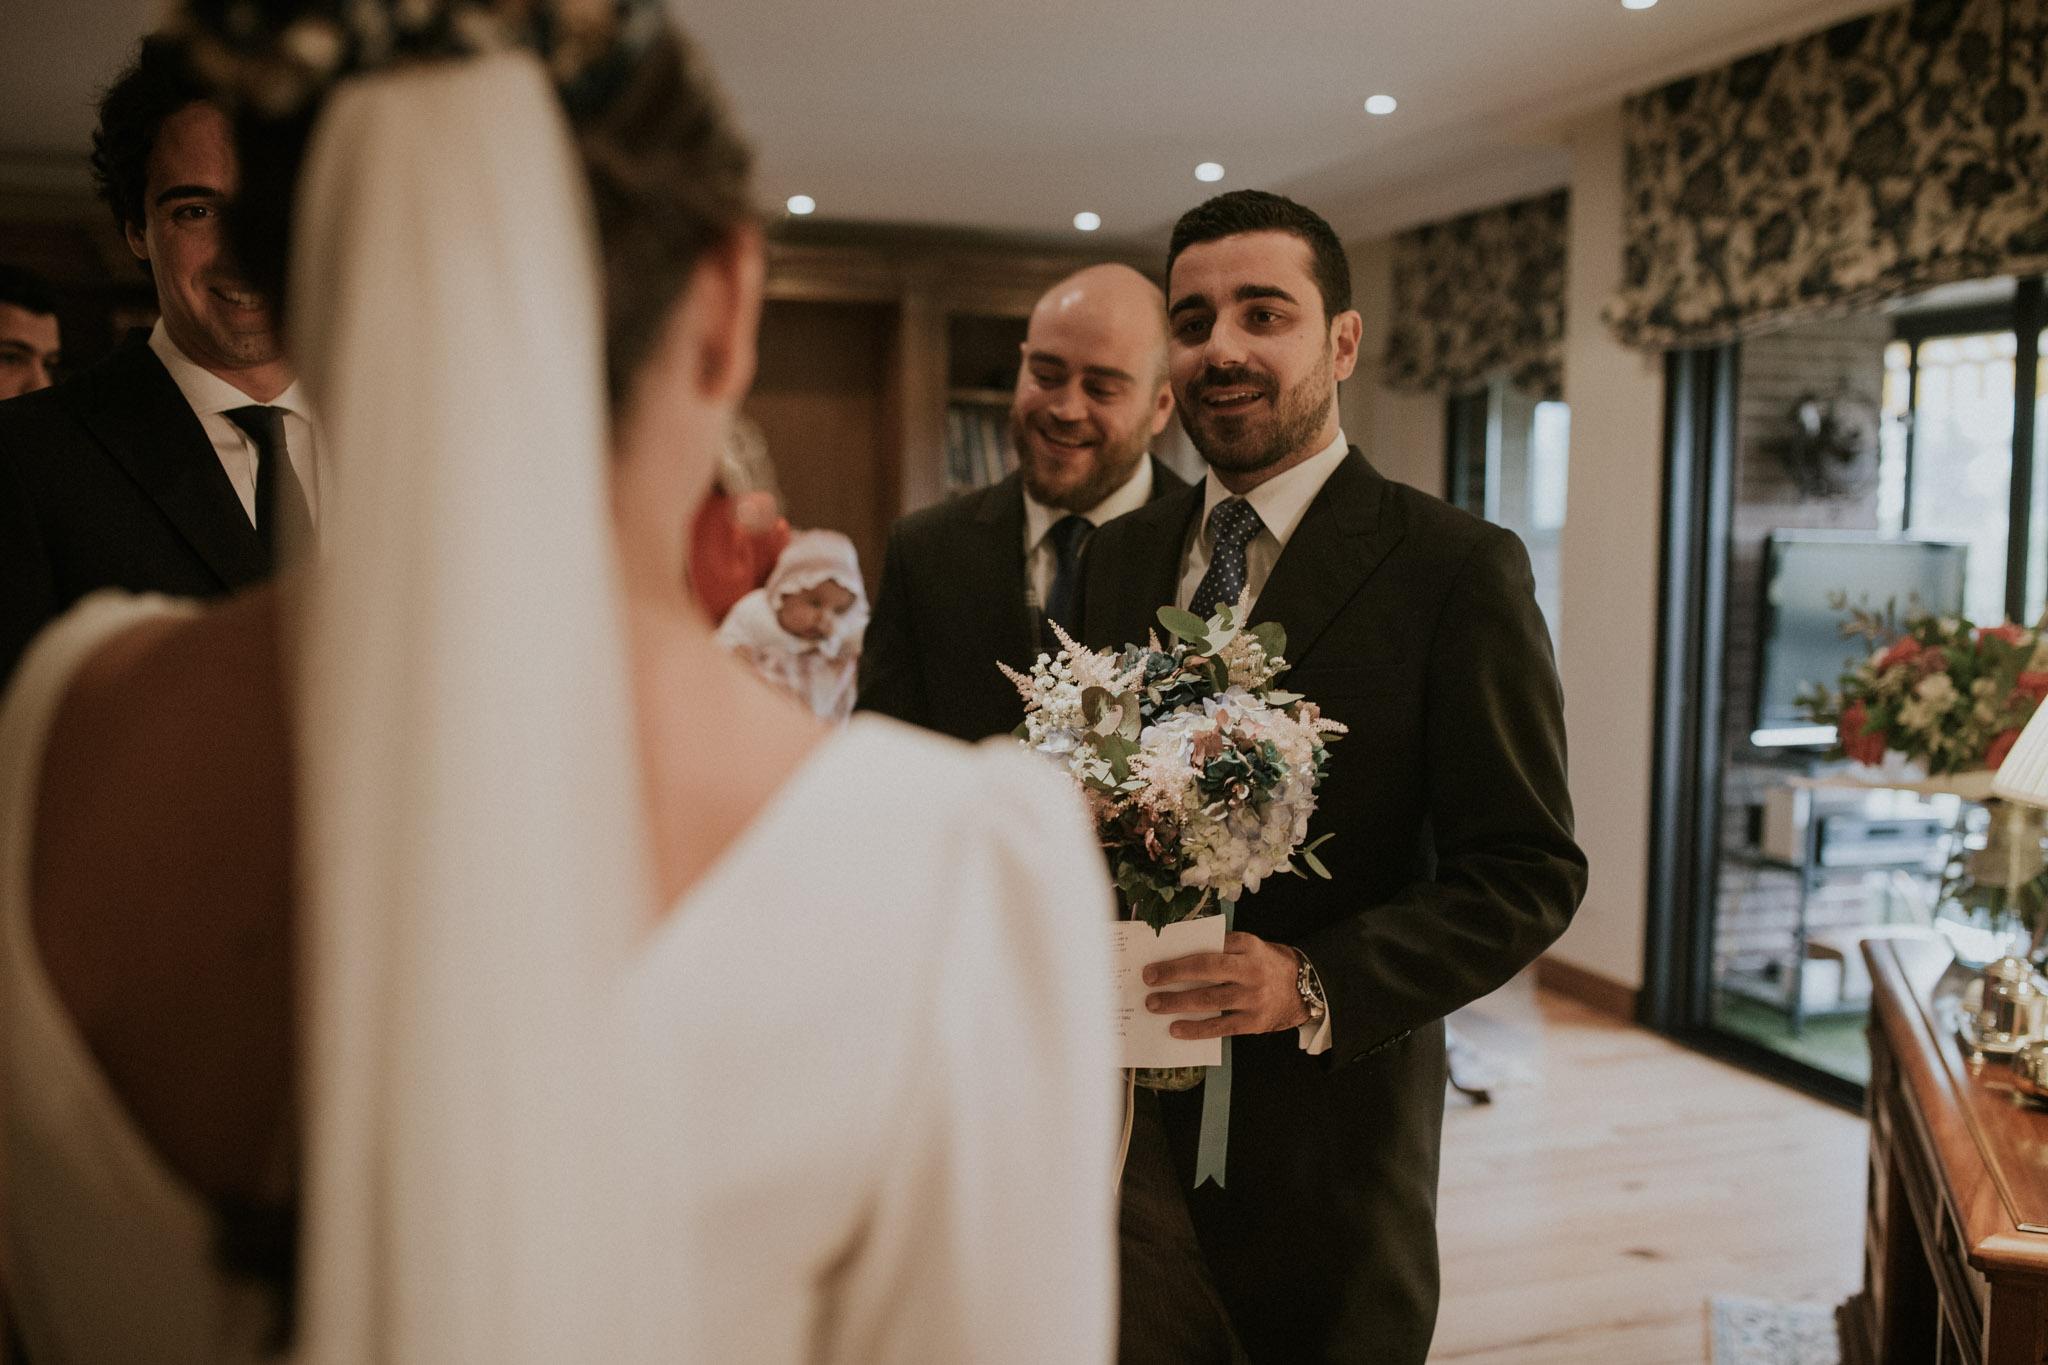 fotografia-boda-luguille-concorazon-37